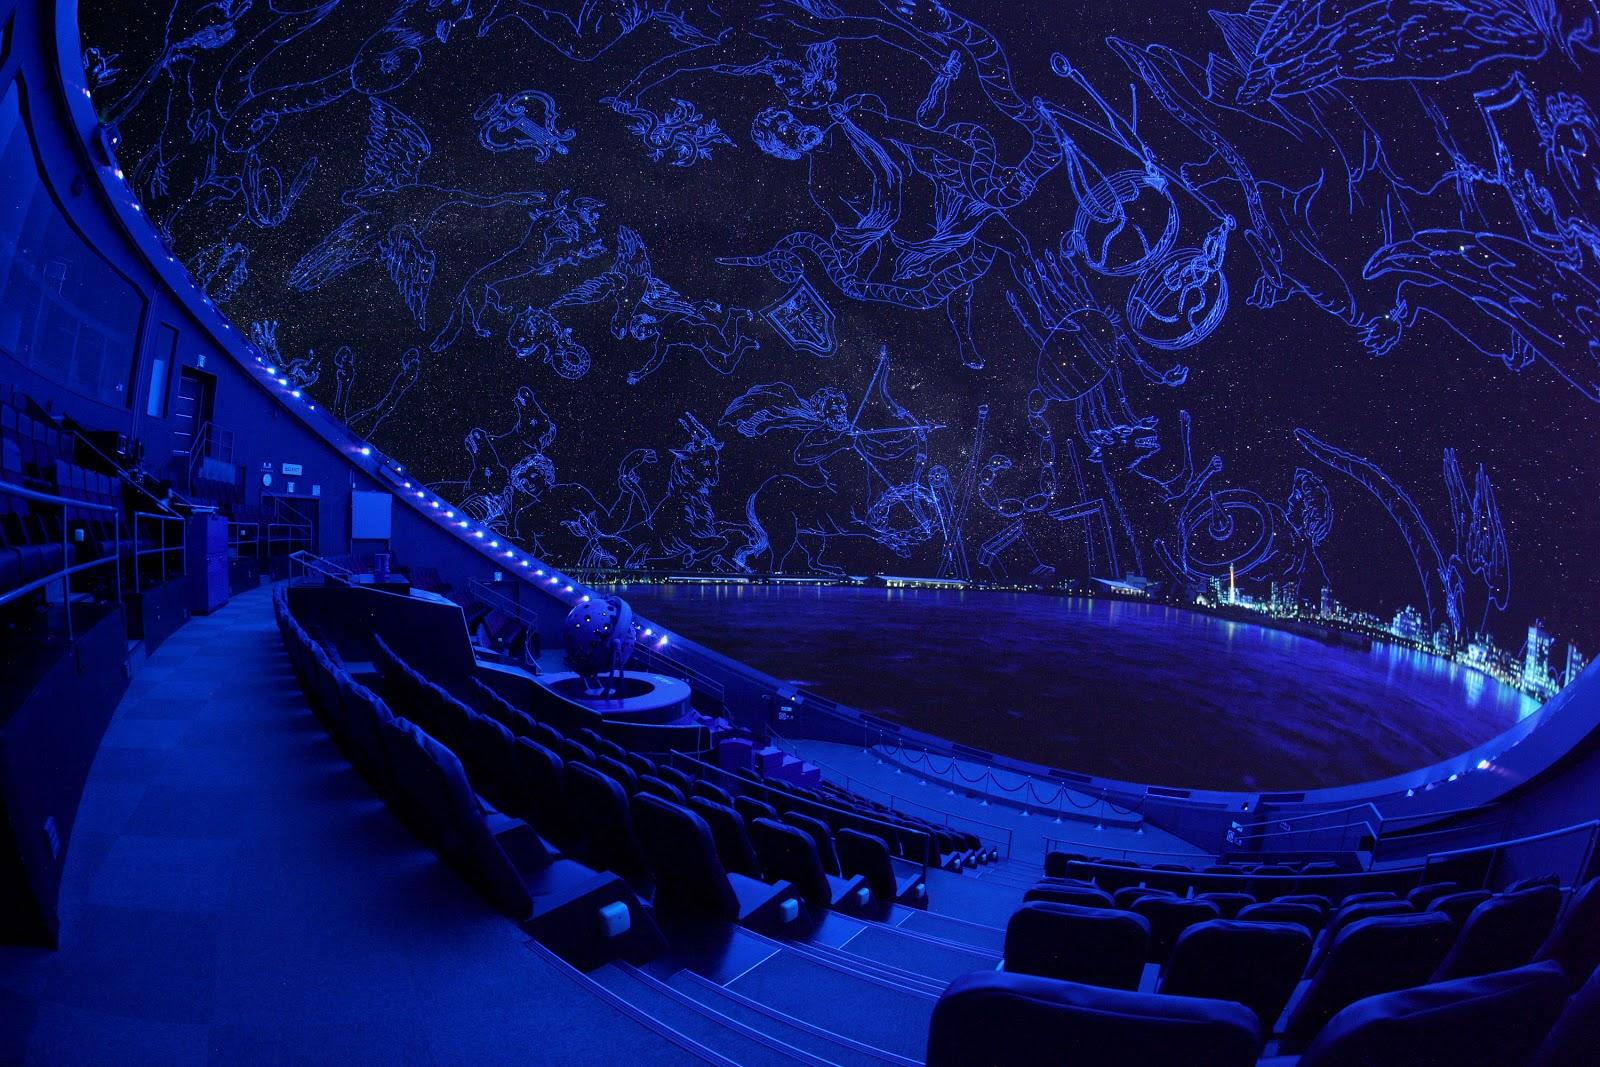 宇宙劇場(プラネタリウム)生解説「夏休みの夜空と七夕の星」